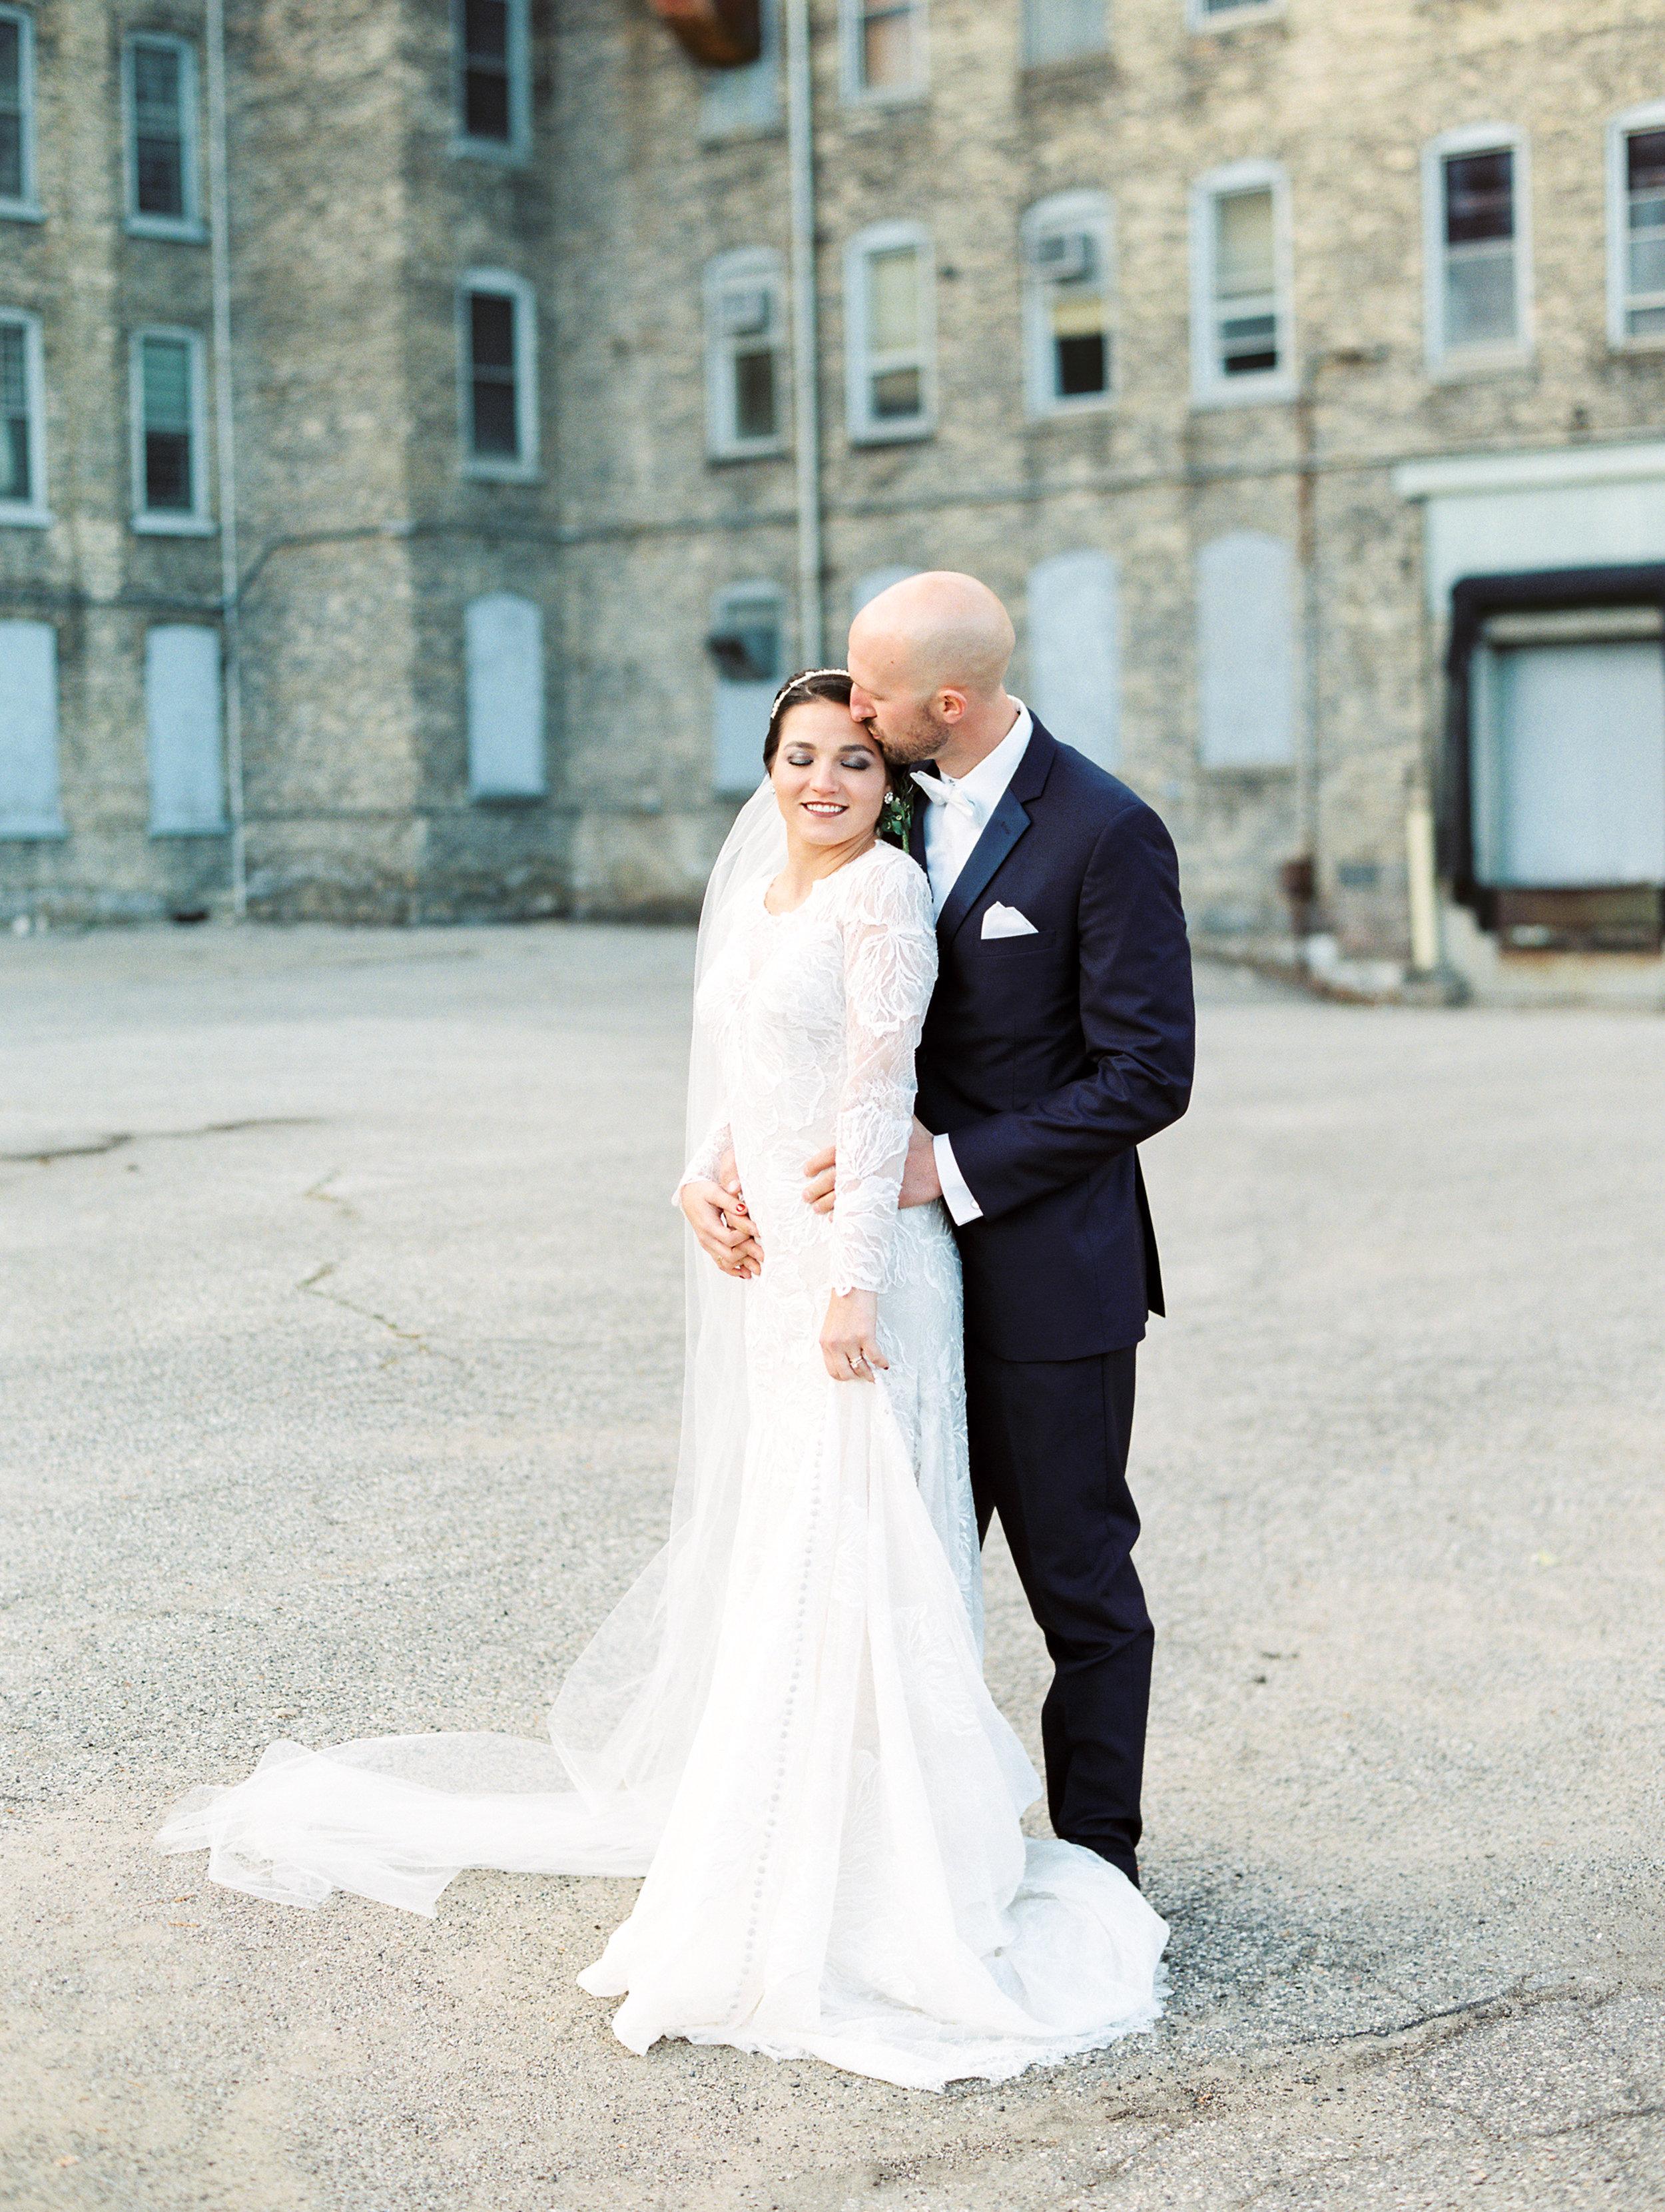 Vogelzang+Wedding+Bride+Groom-53.jpg